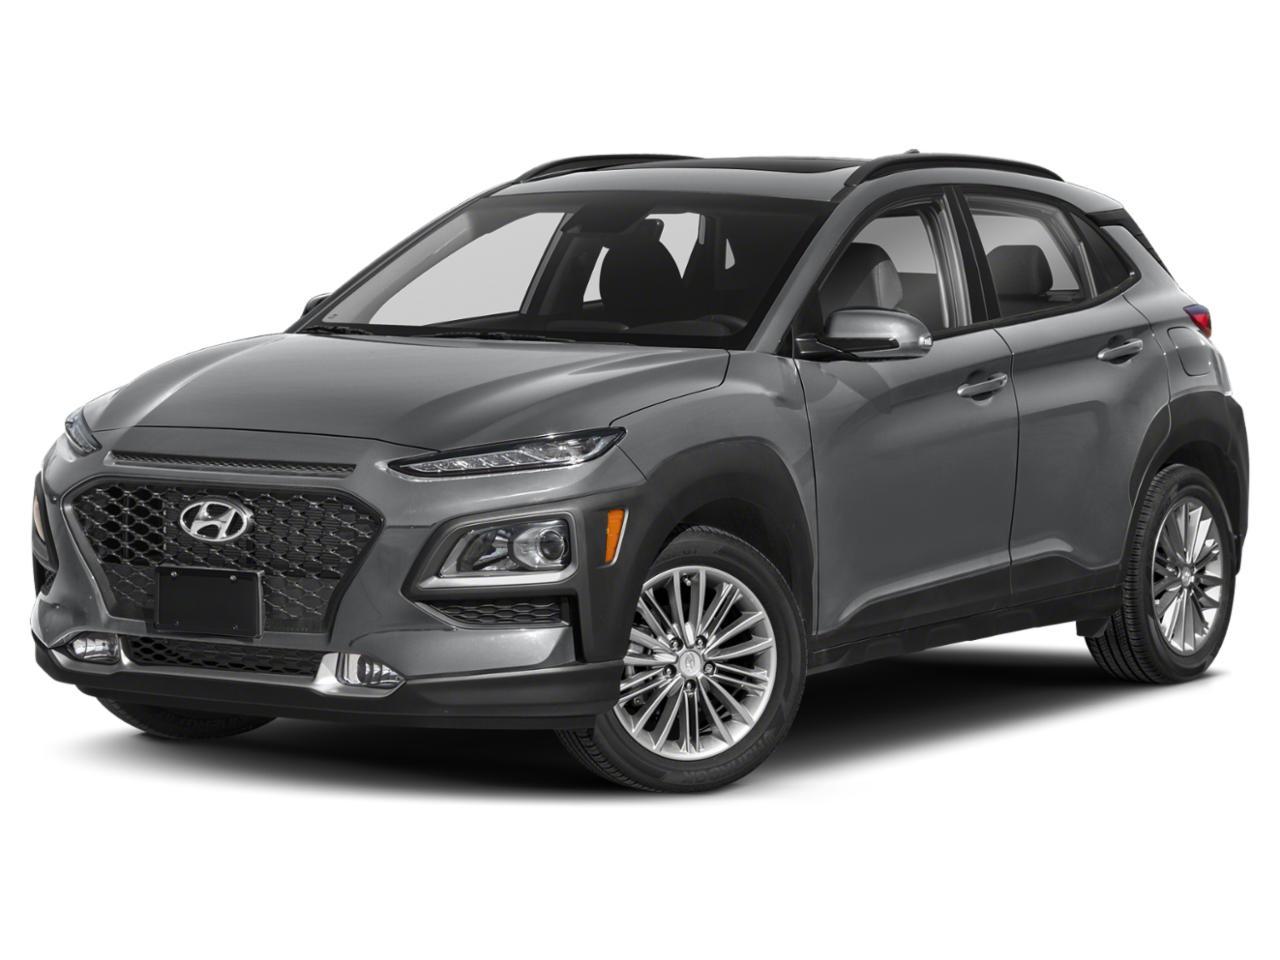 2020 Hyundai Kona Vehicle Photo in Peoria, IL 61615